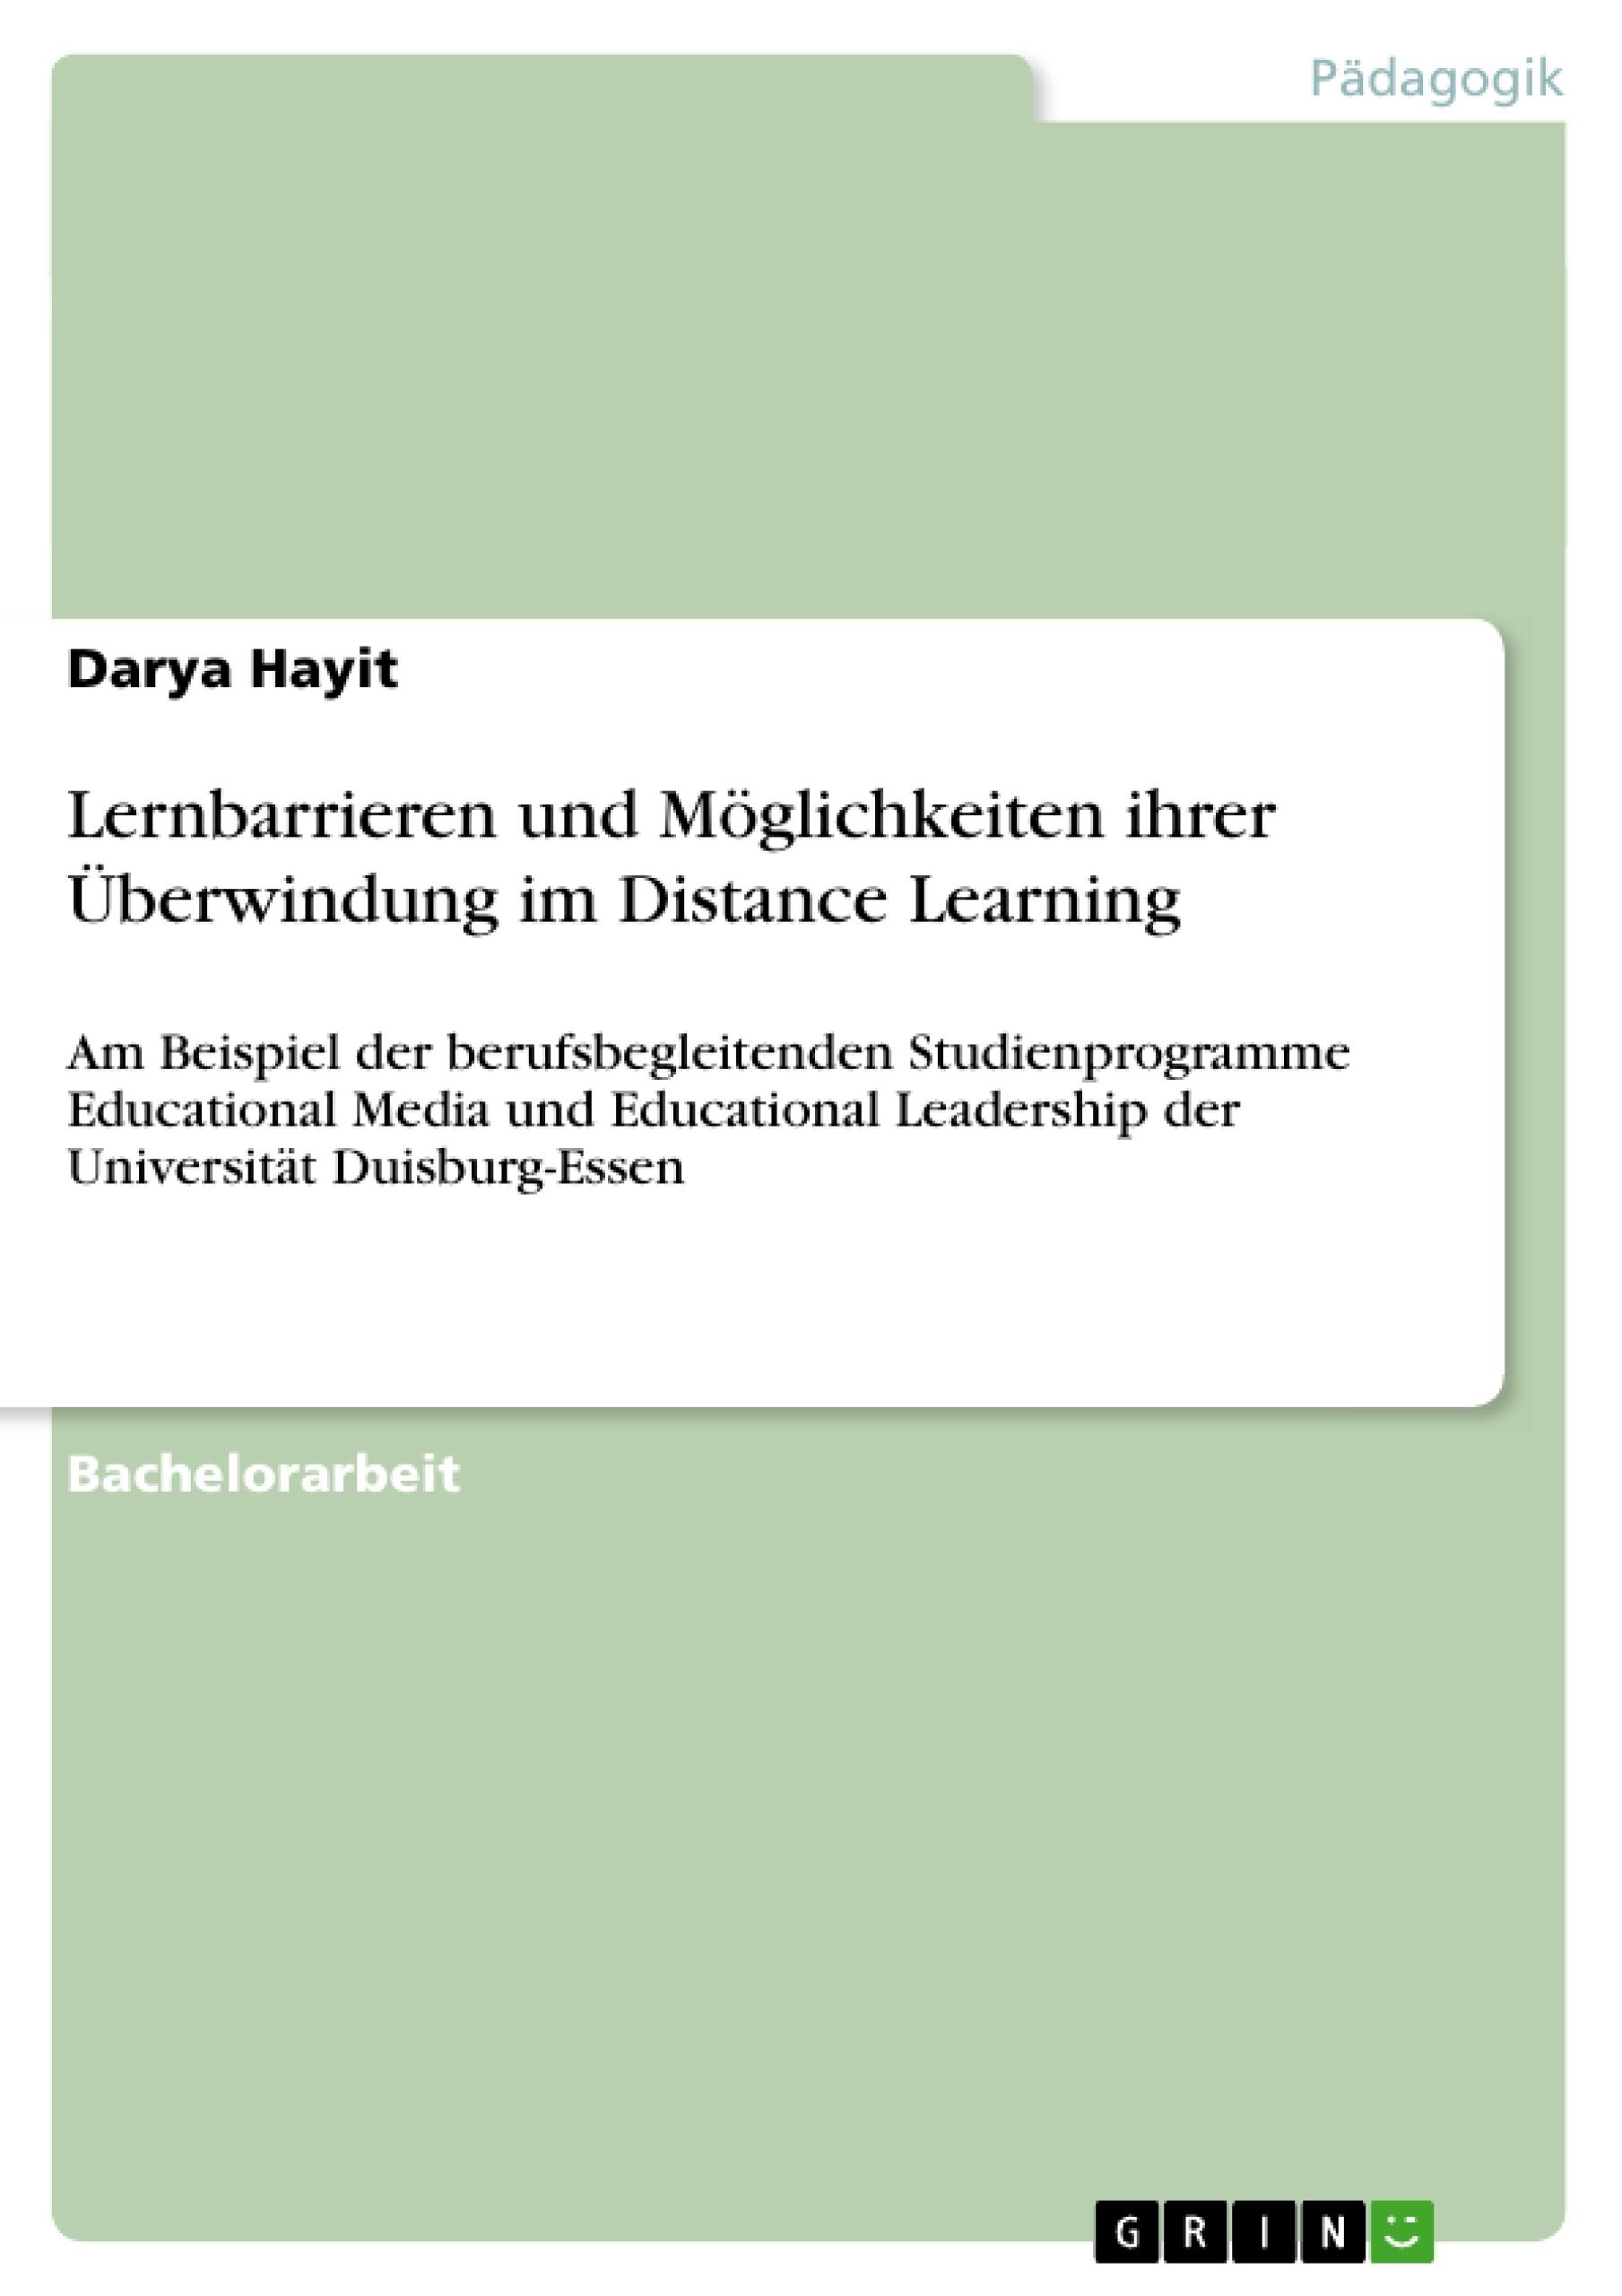 Titel: Lernbarrieren und Möglichkeiten ihrer Überwindung im Distance Learning